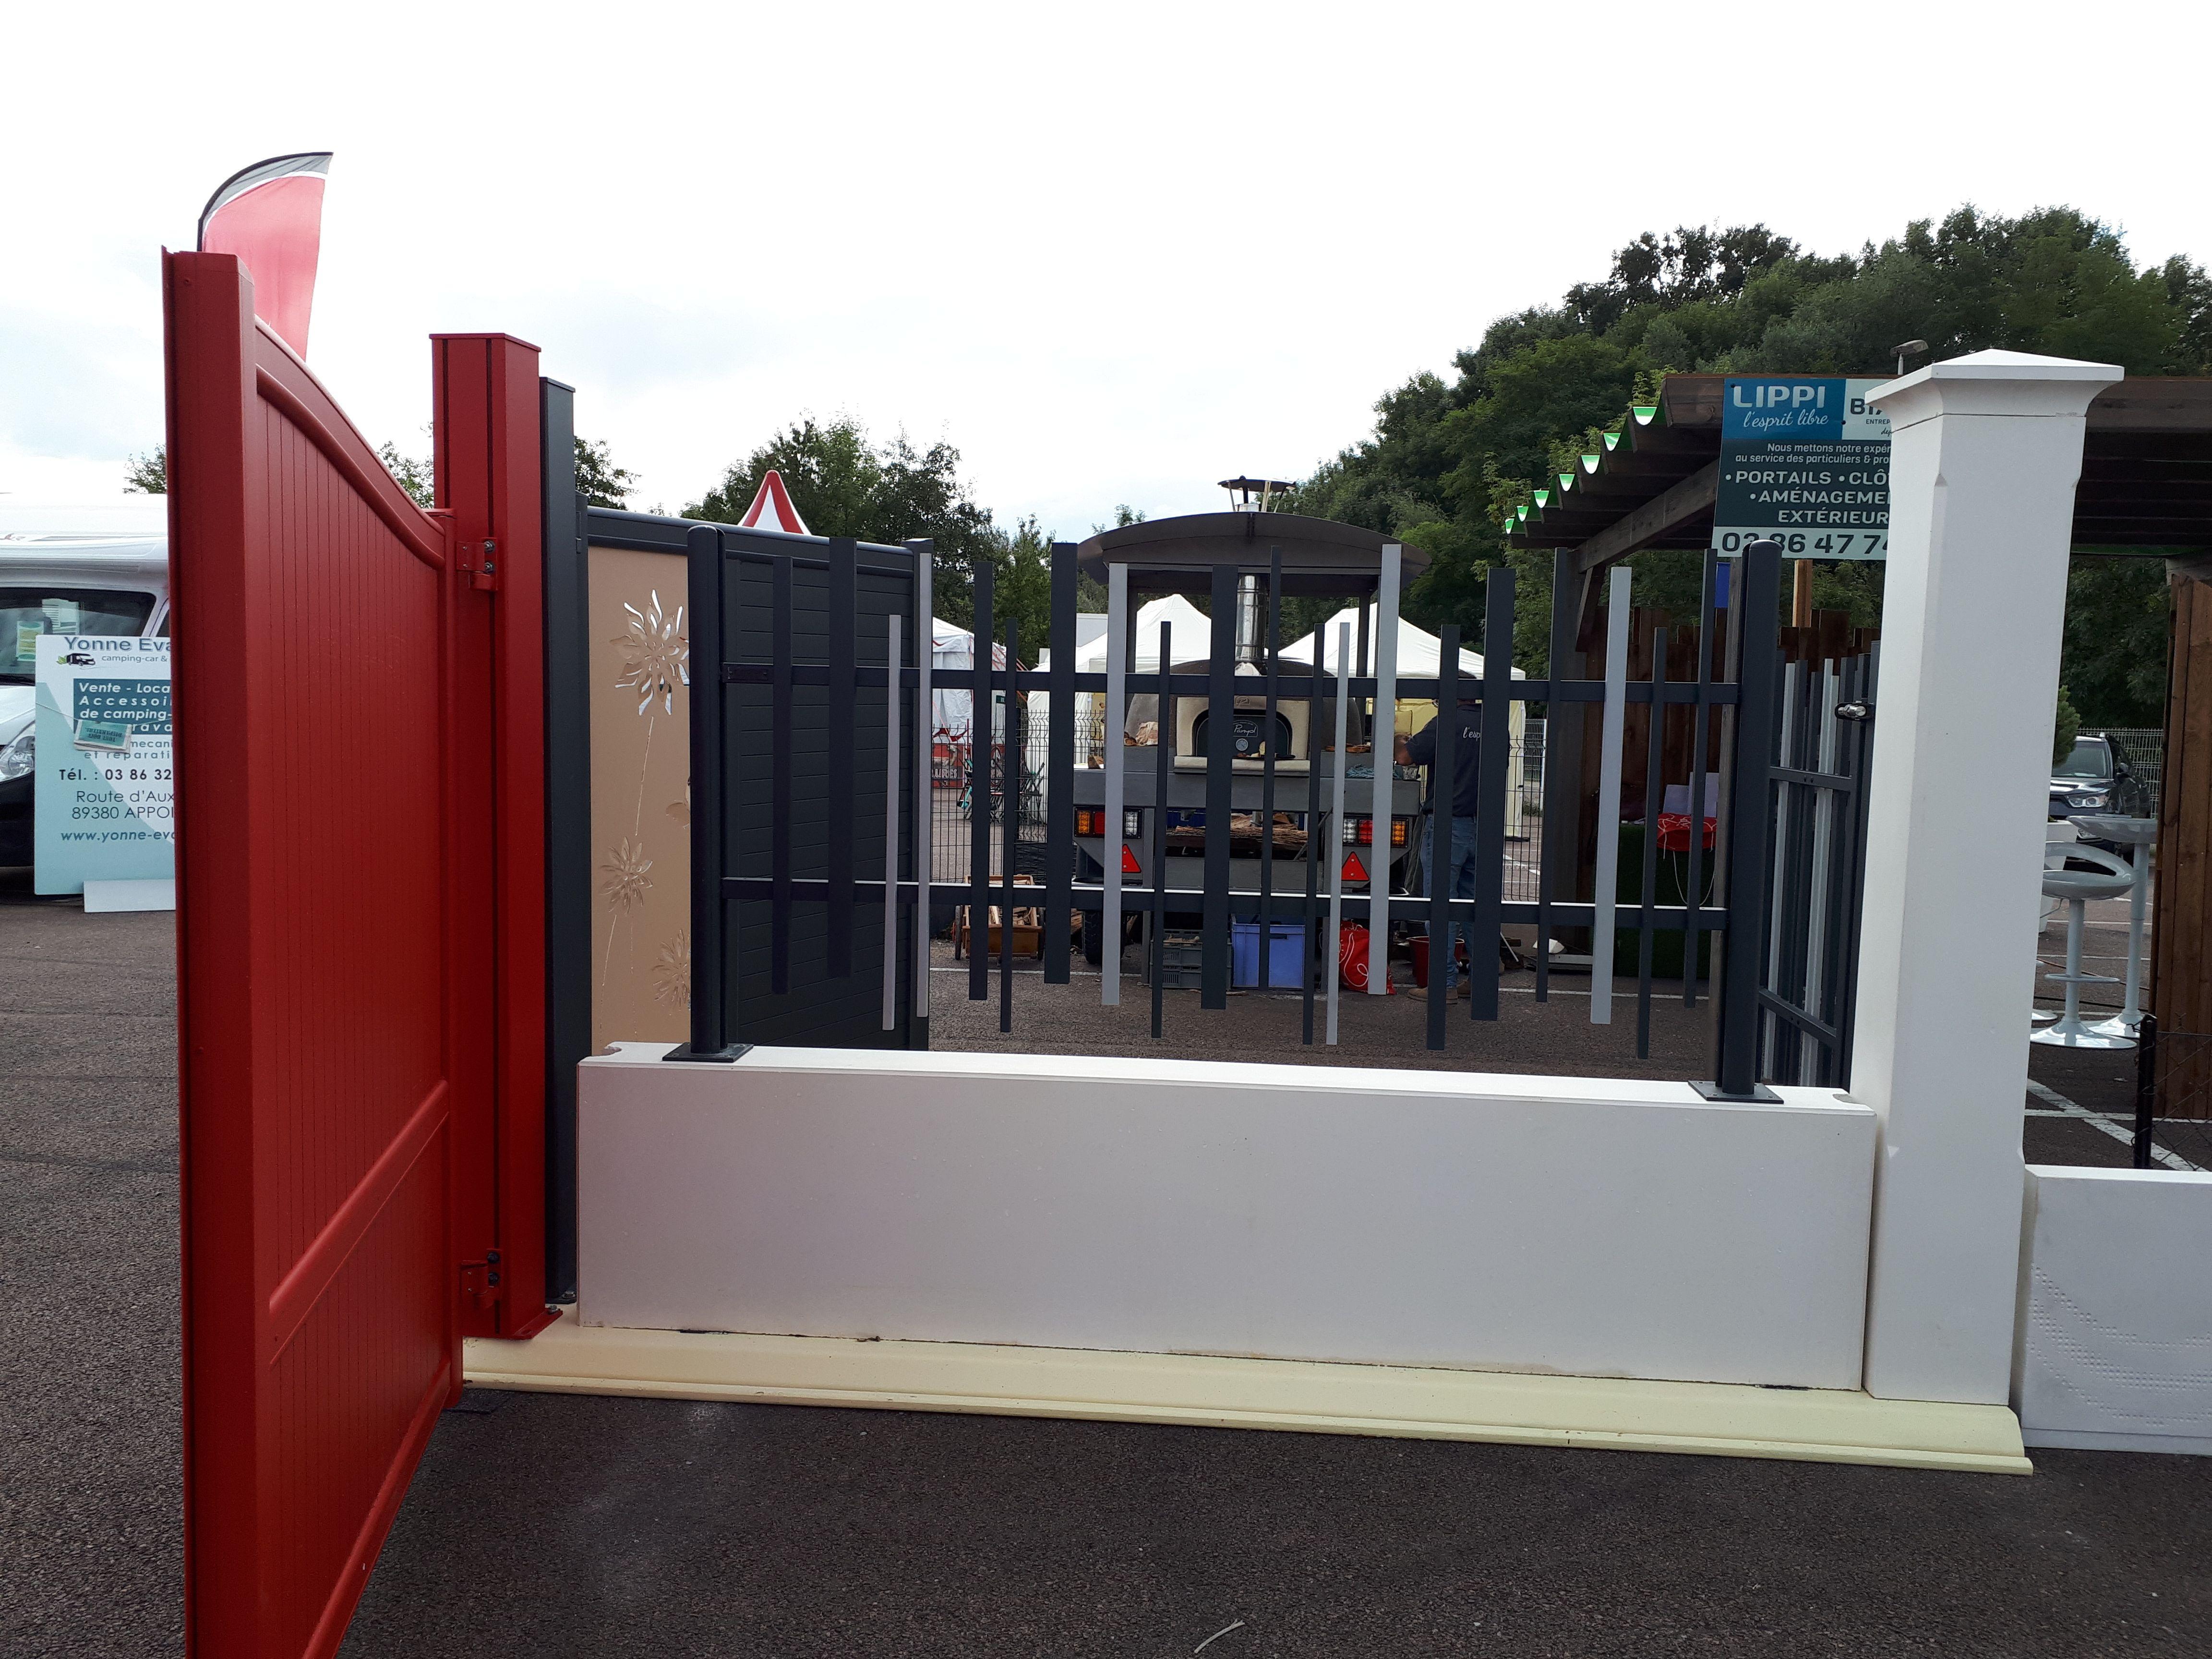 Pilier De Portail Et Cloture 25 X 25 Cm Monobloc En Pierre Reconstituee Beton Prefabrique Outdoor Decor Garage Doors Home Decor